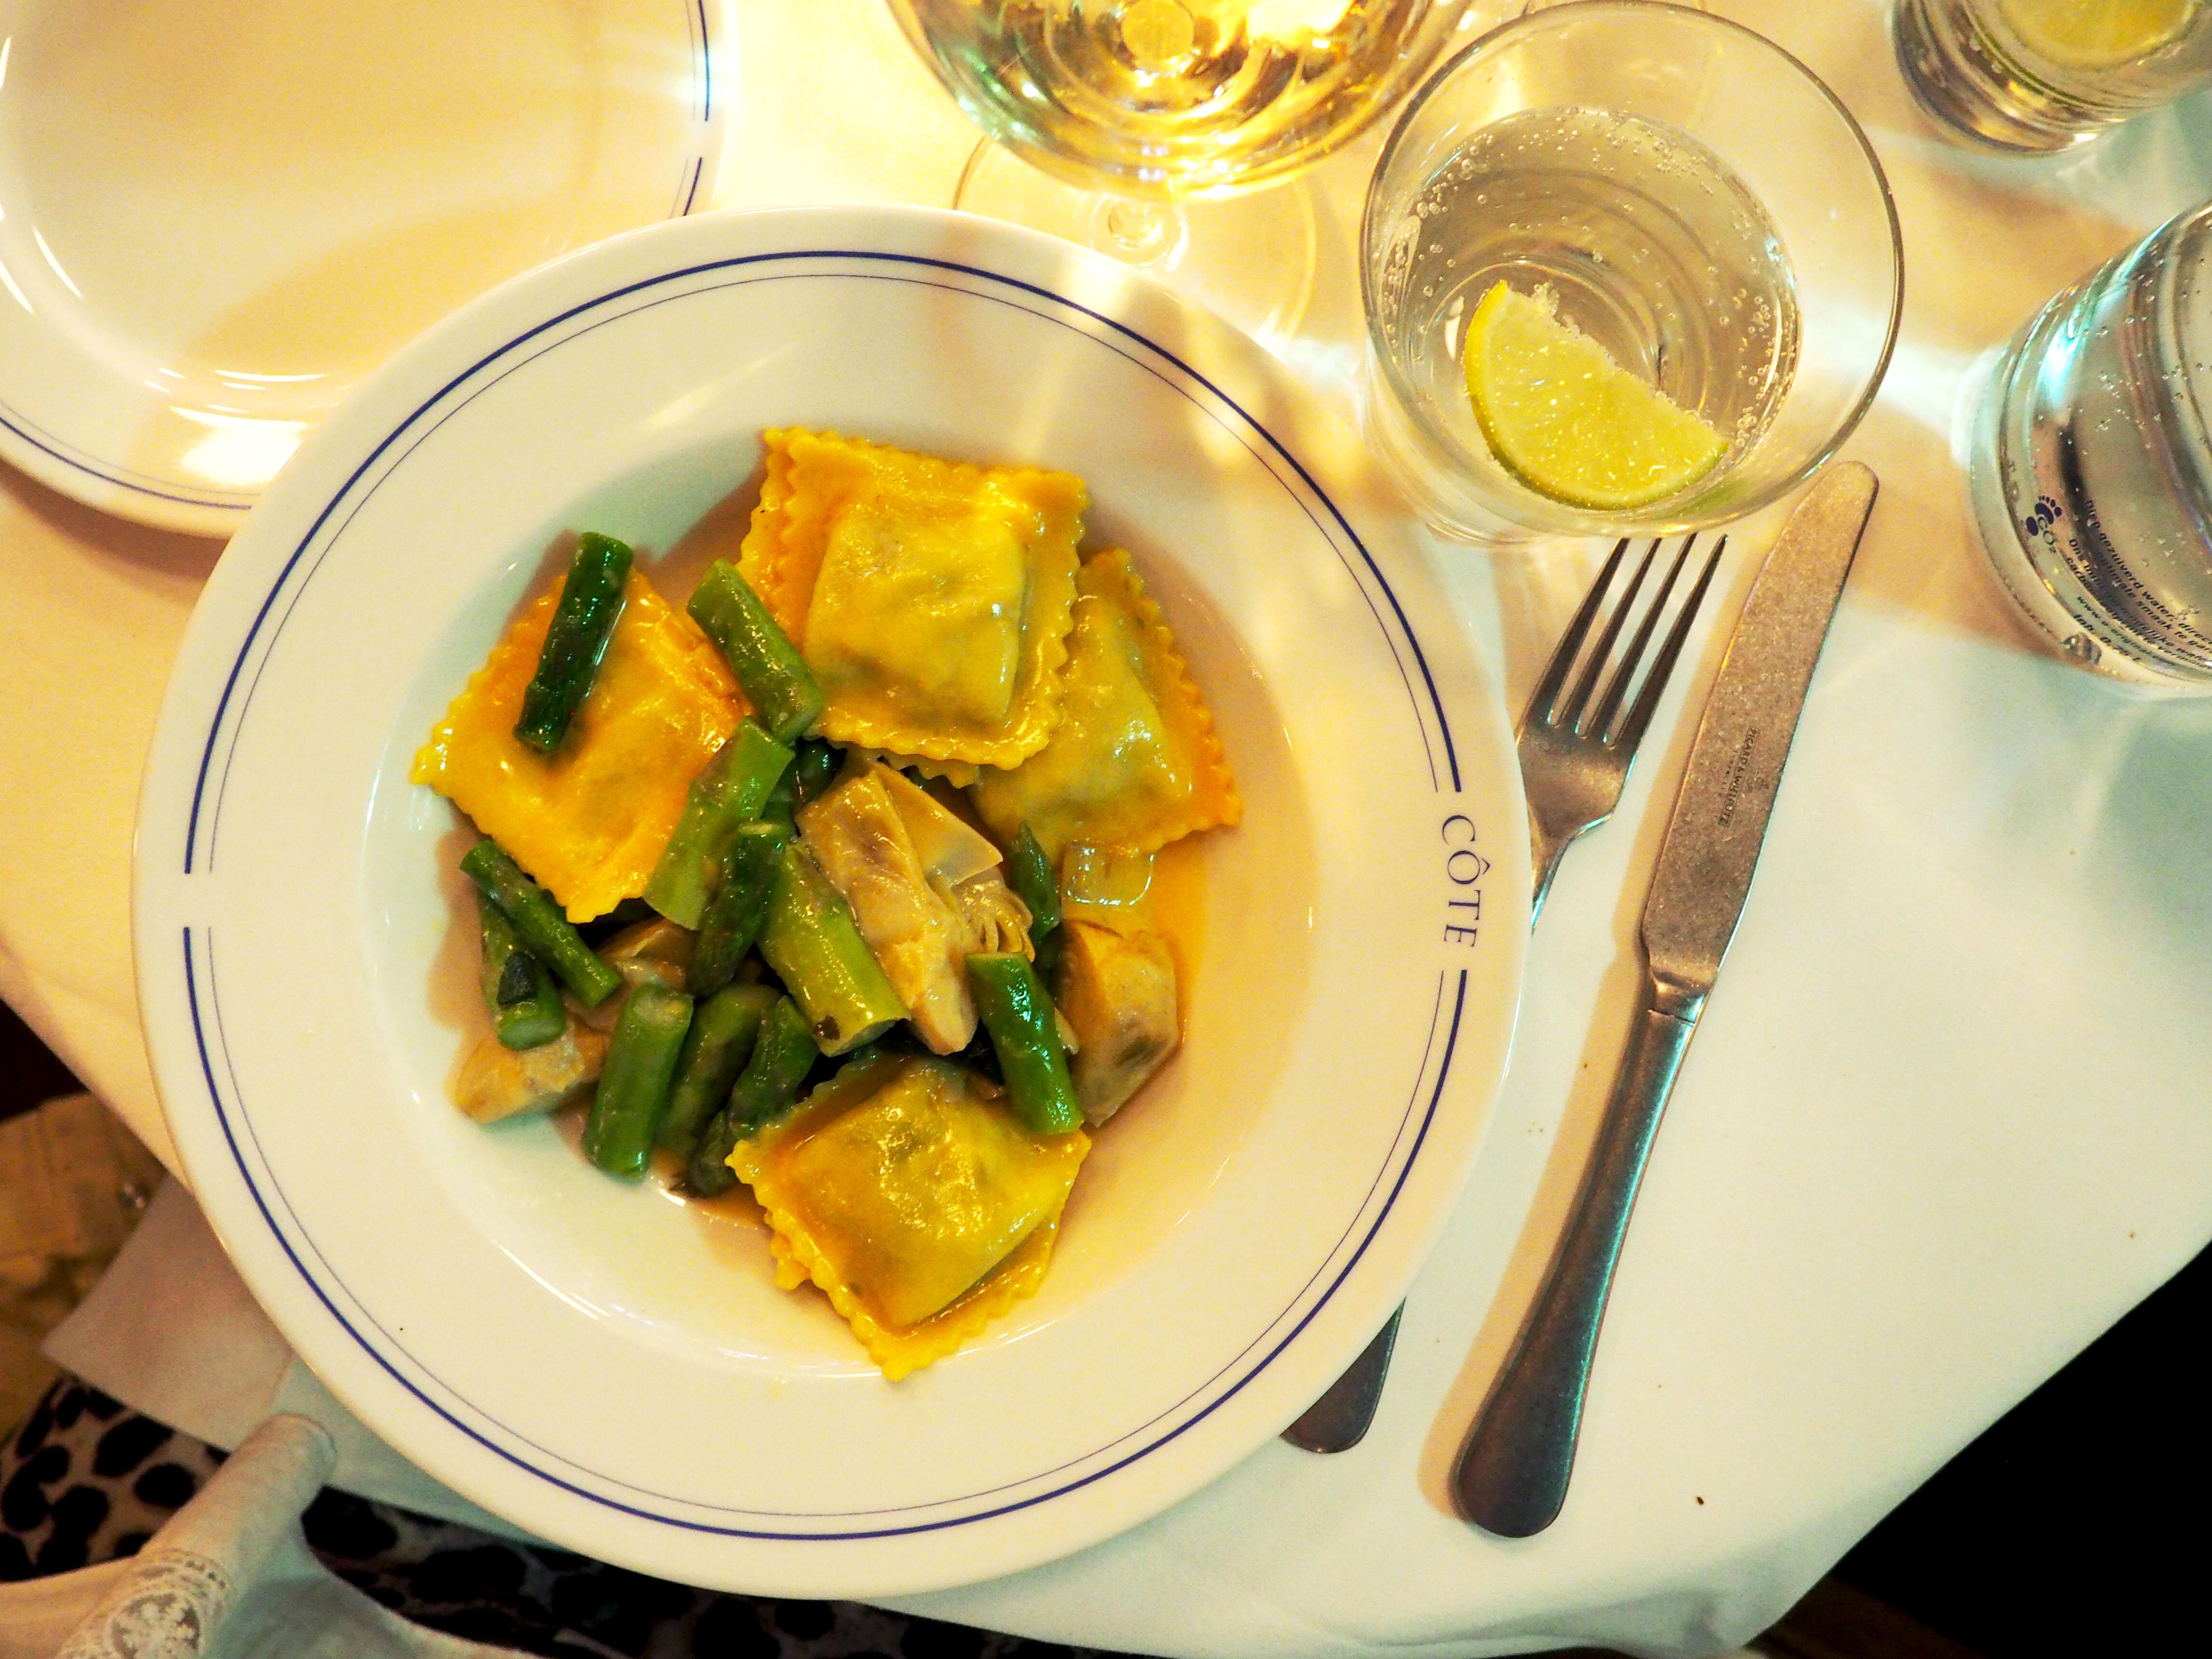 ravioli bij côte bar bistro met social deal